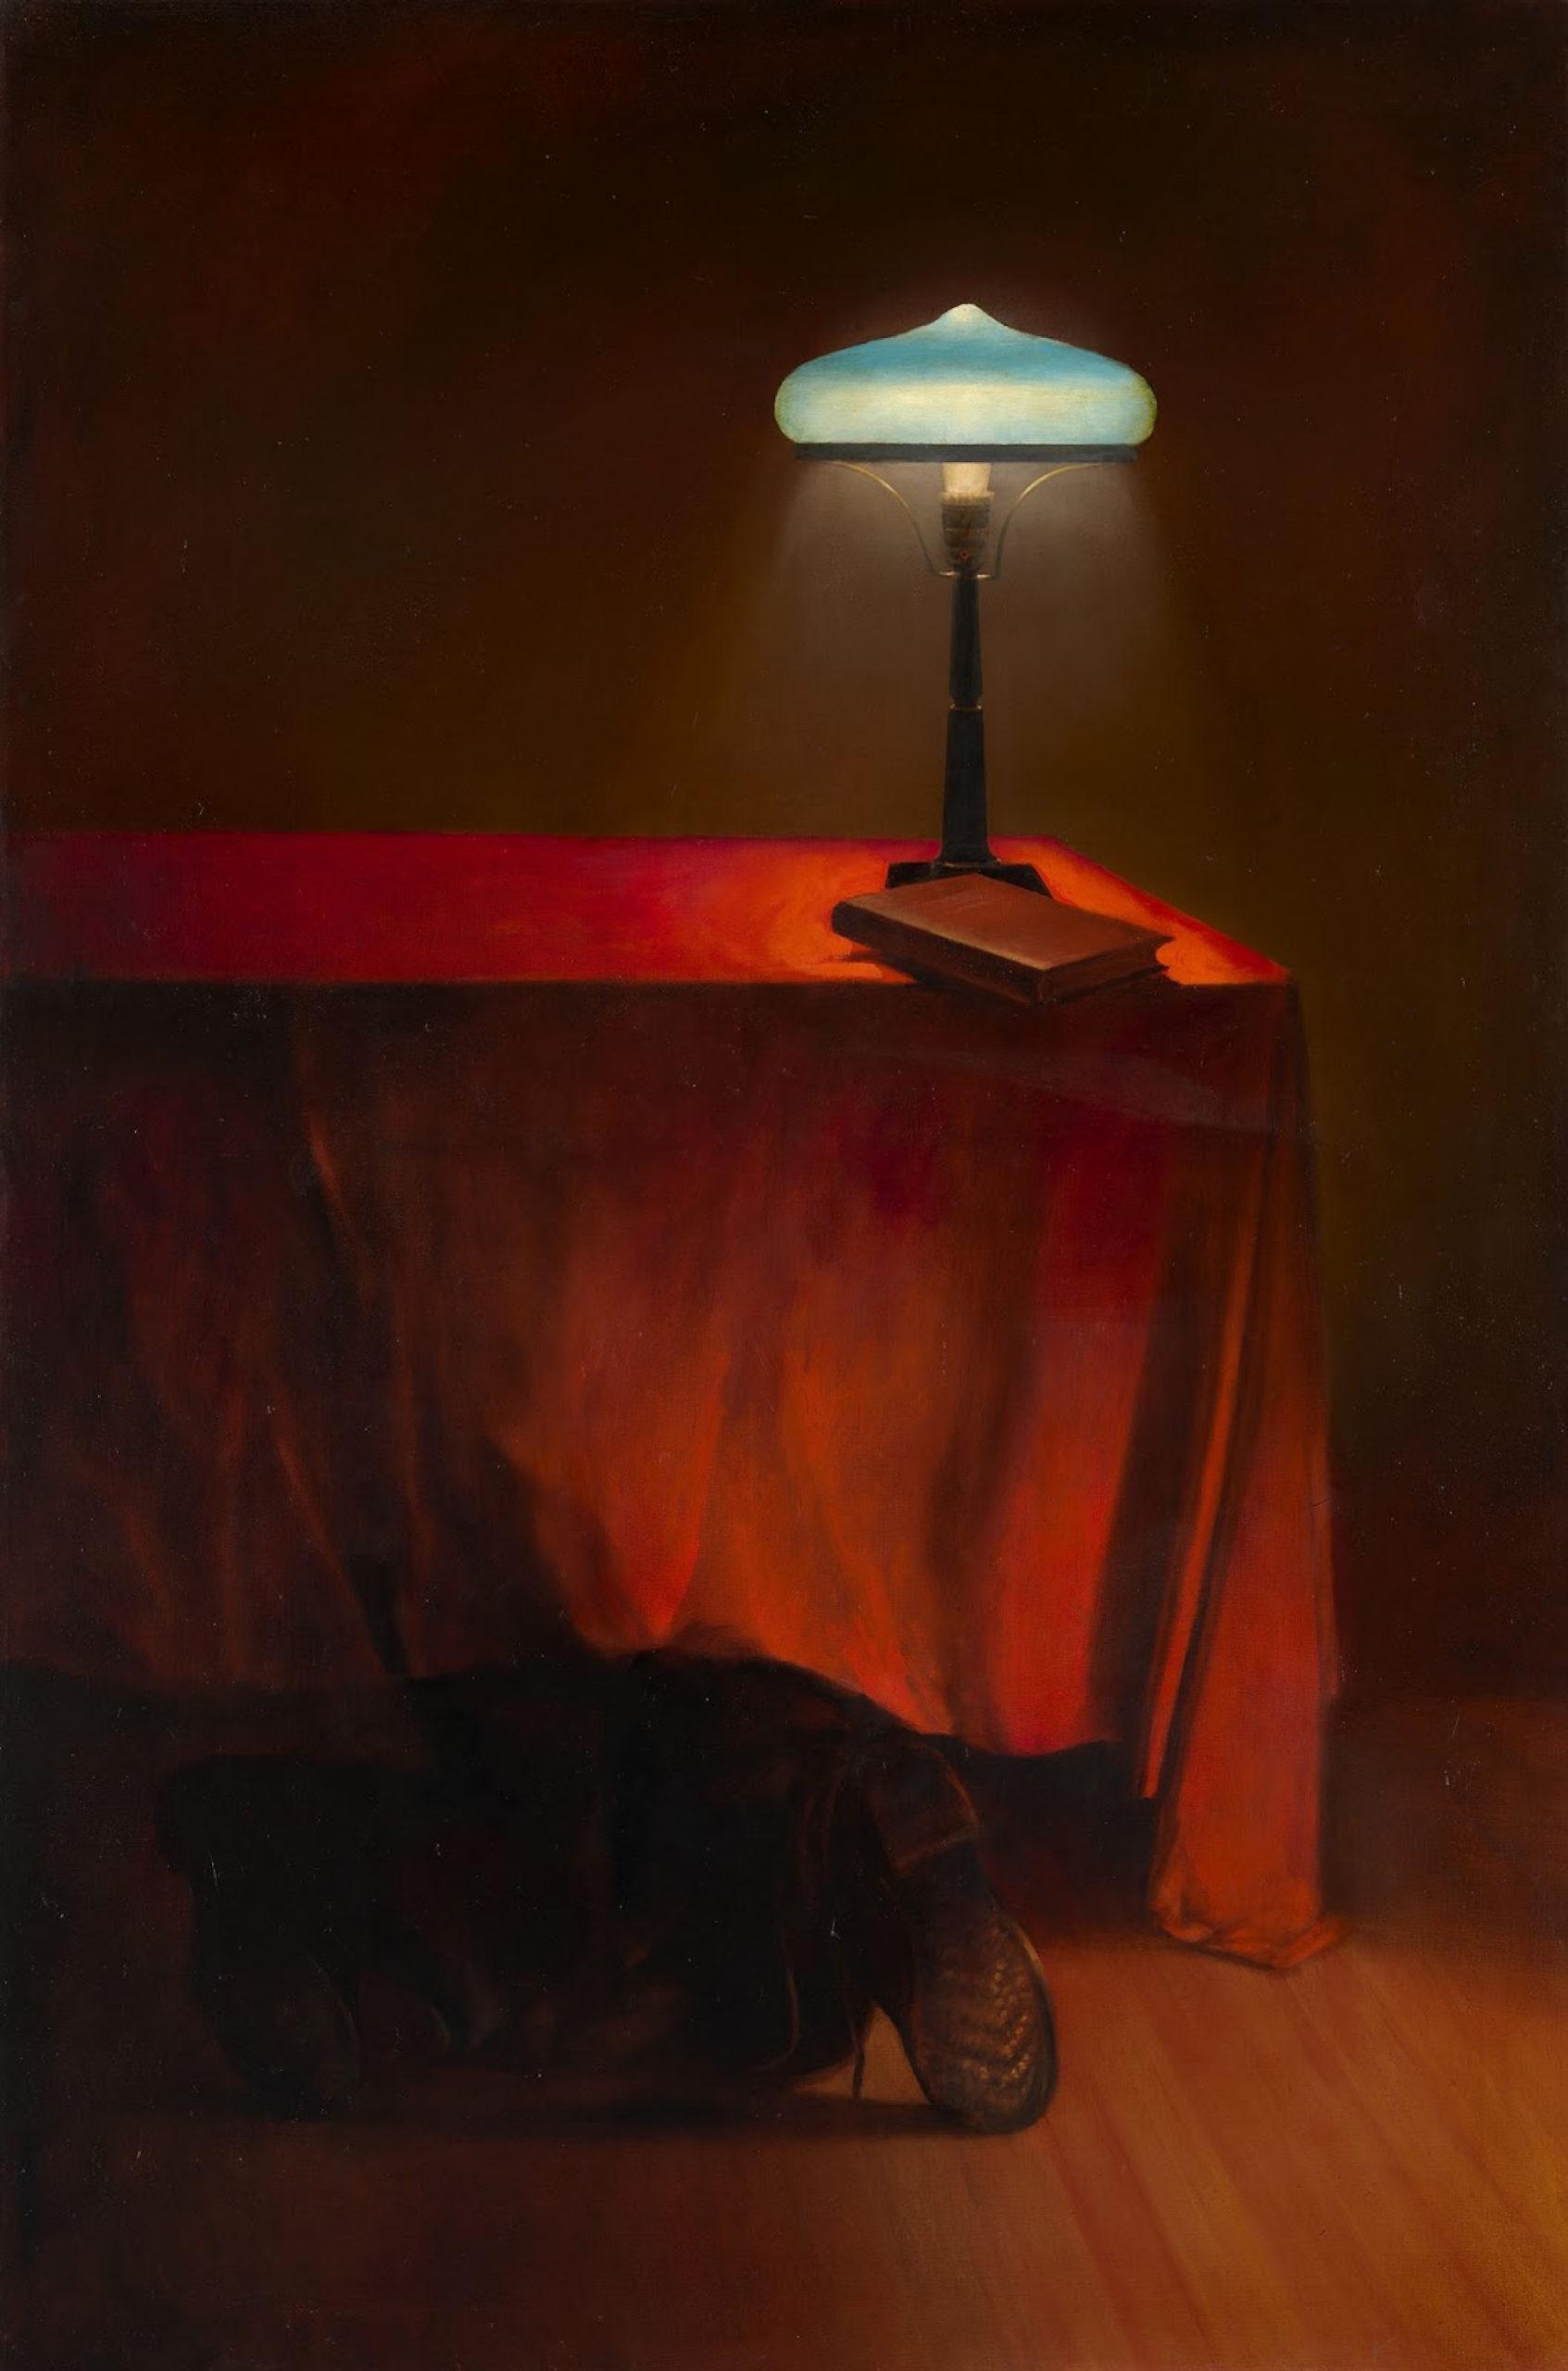 В. Комар, А. Меламид. «Стук в дверь» из серии «Ностальгический соцреализм». 1981−1983